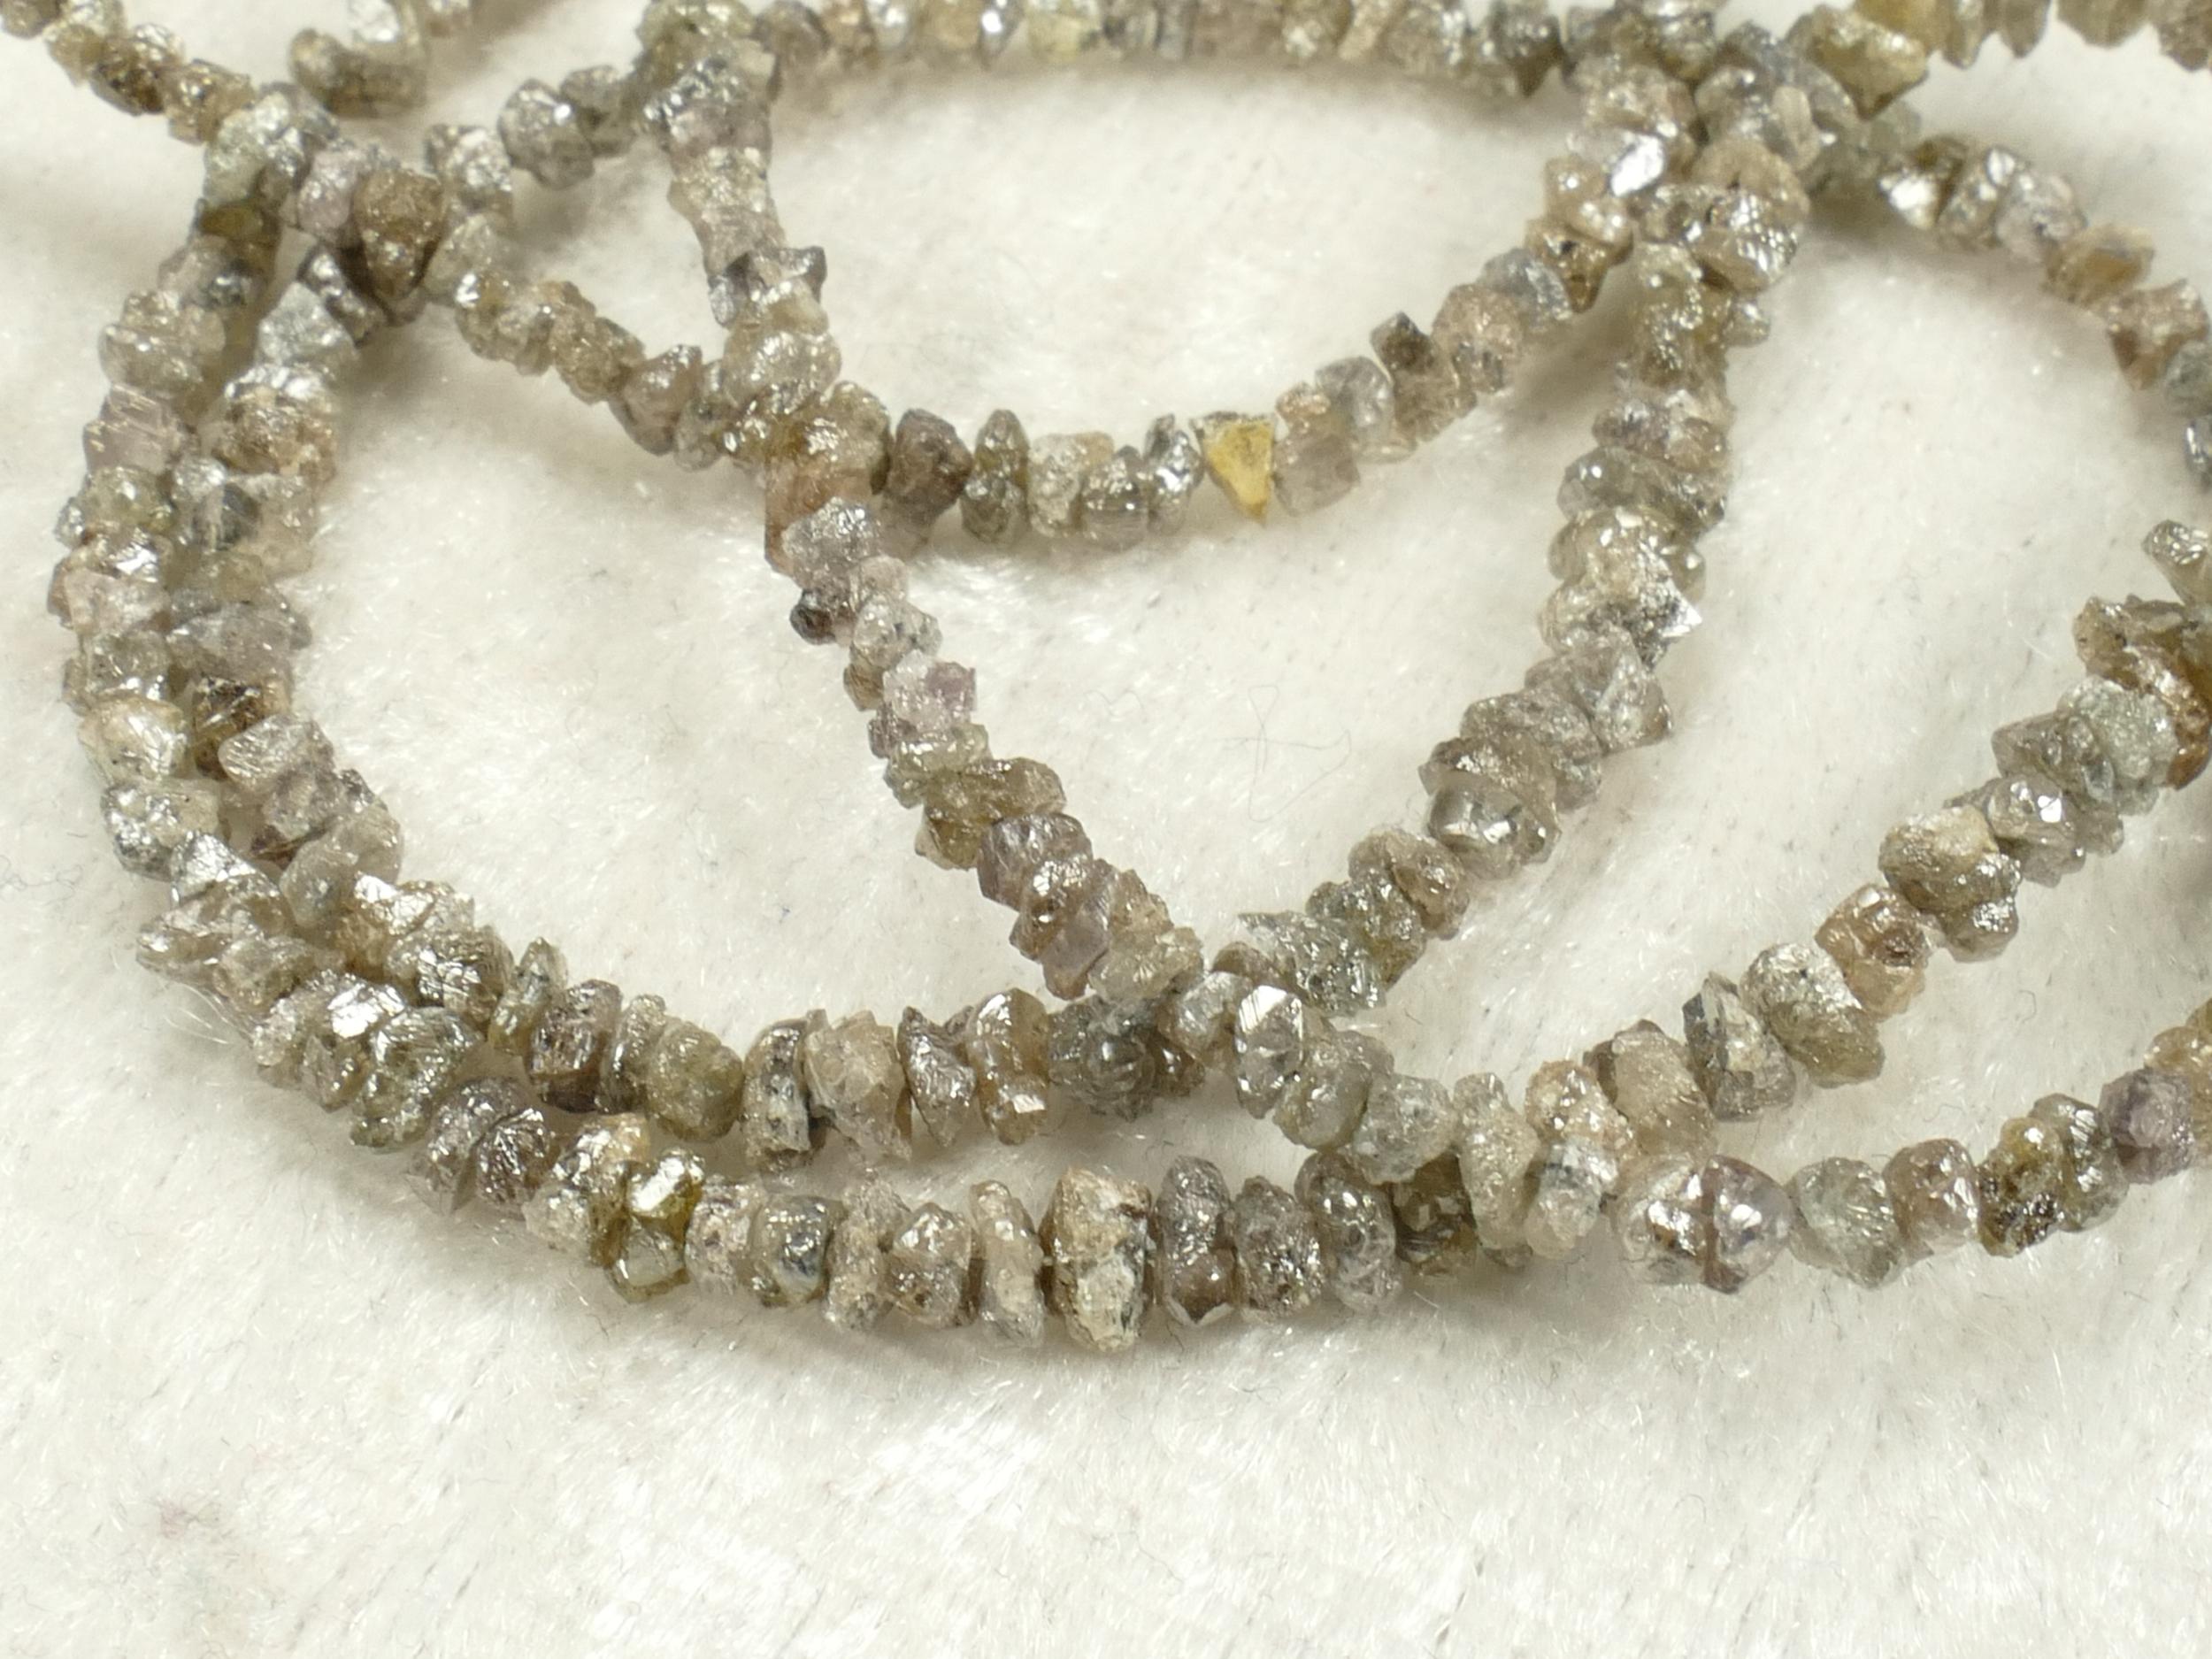 2.5/3.5mm Perles de Diamant gris naturel tonalité cognac brut percée x3cm (1.2inch) (#AC521)